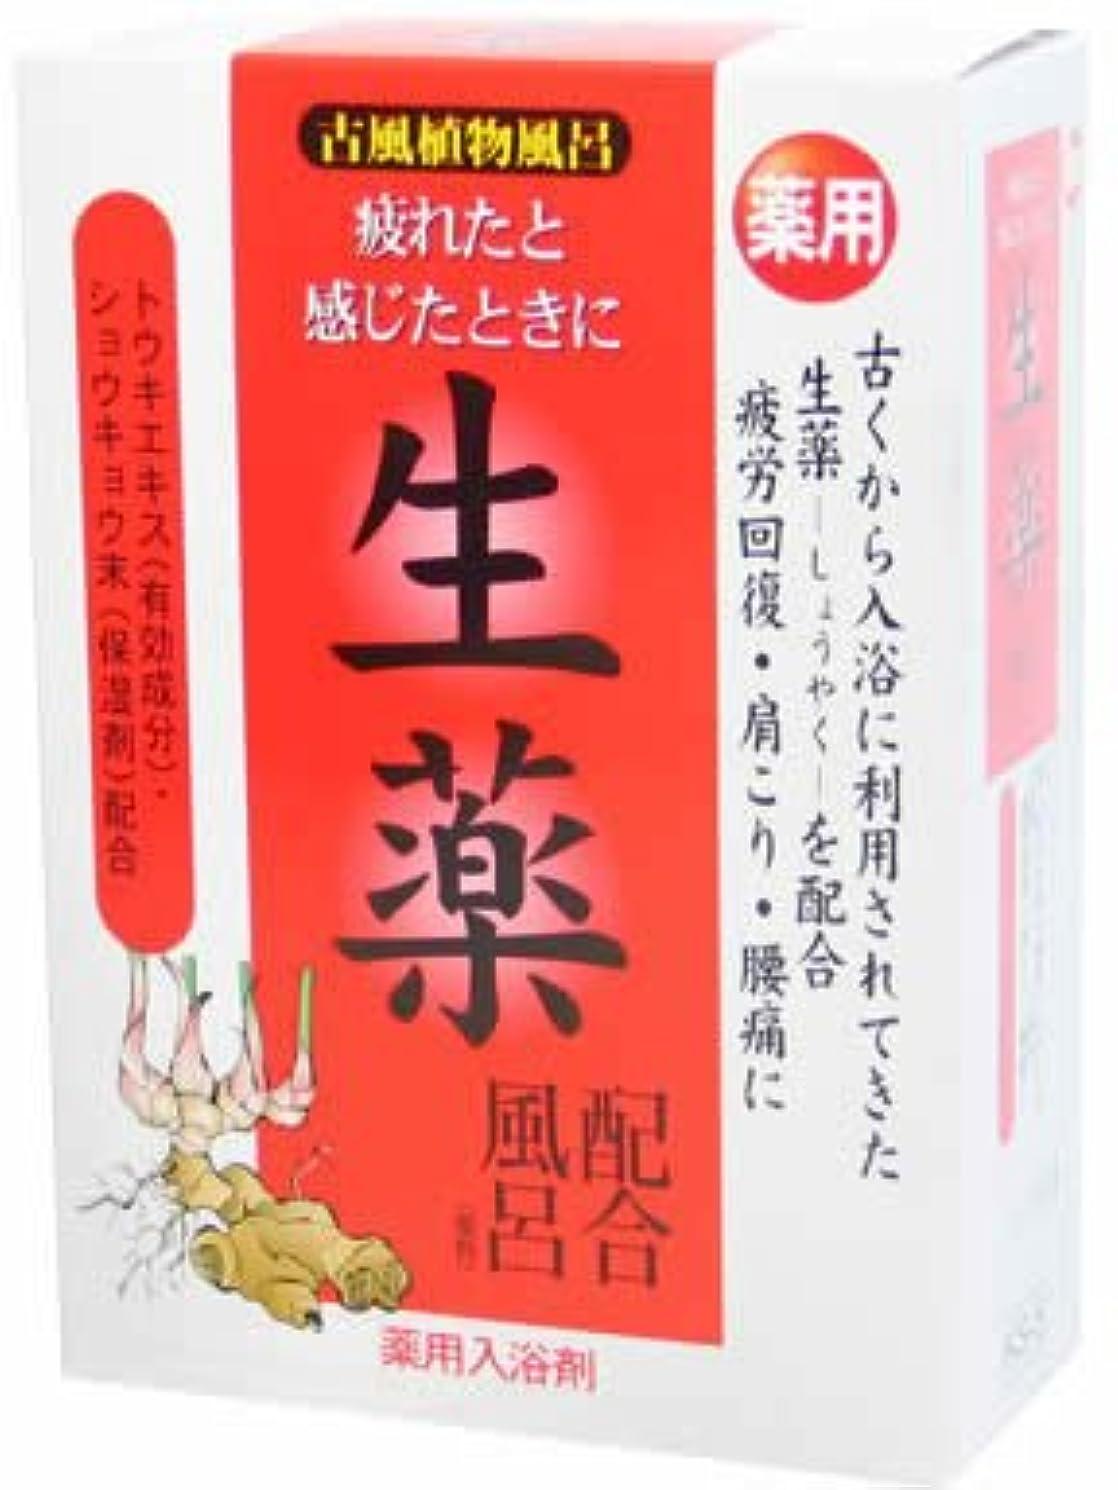 ファーザーファージュ満了プロポーショナル古風植物風呂 生薬配合風呂 25g×5包(入浴剤) [医薬部外品]